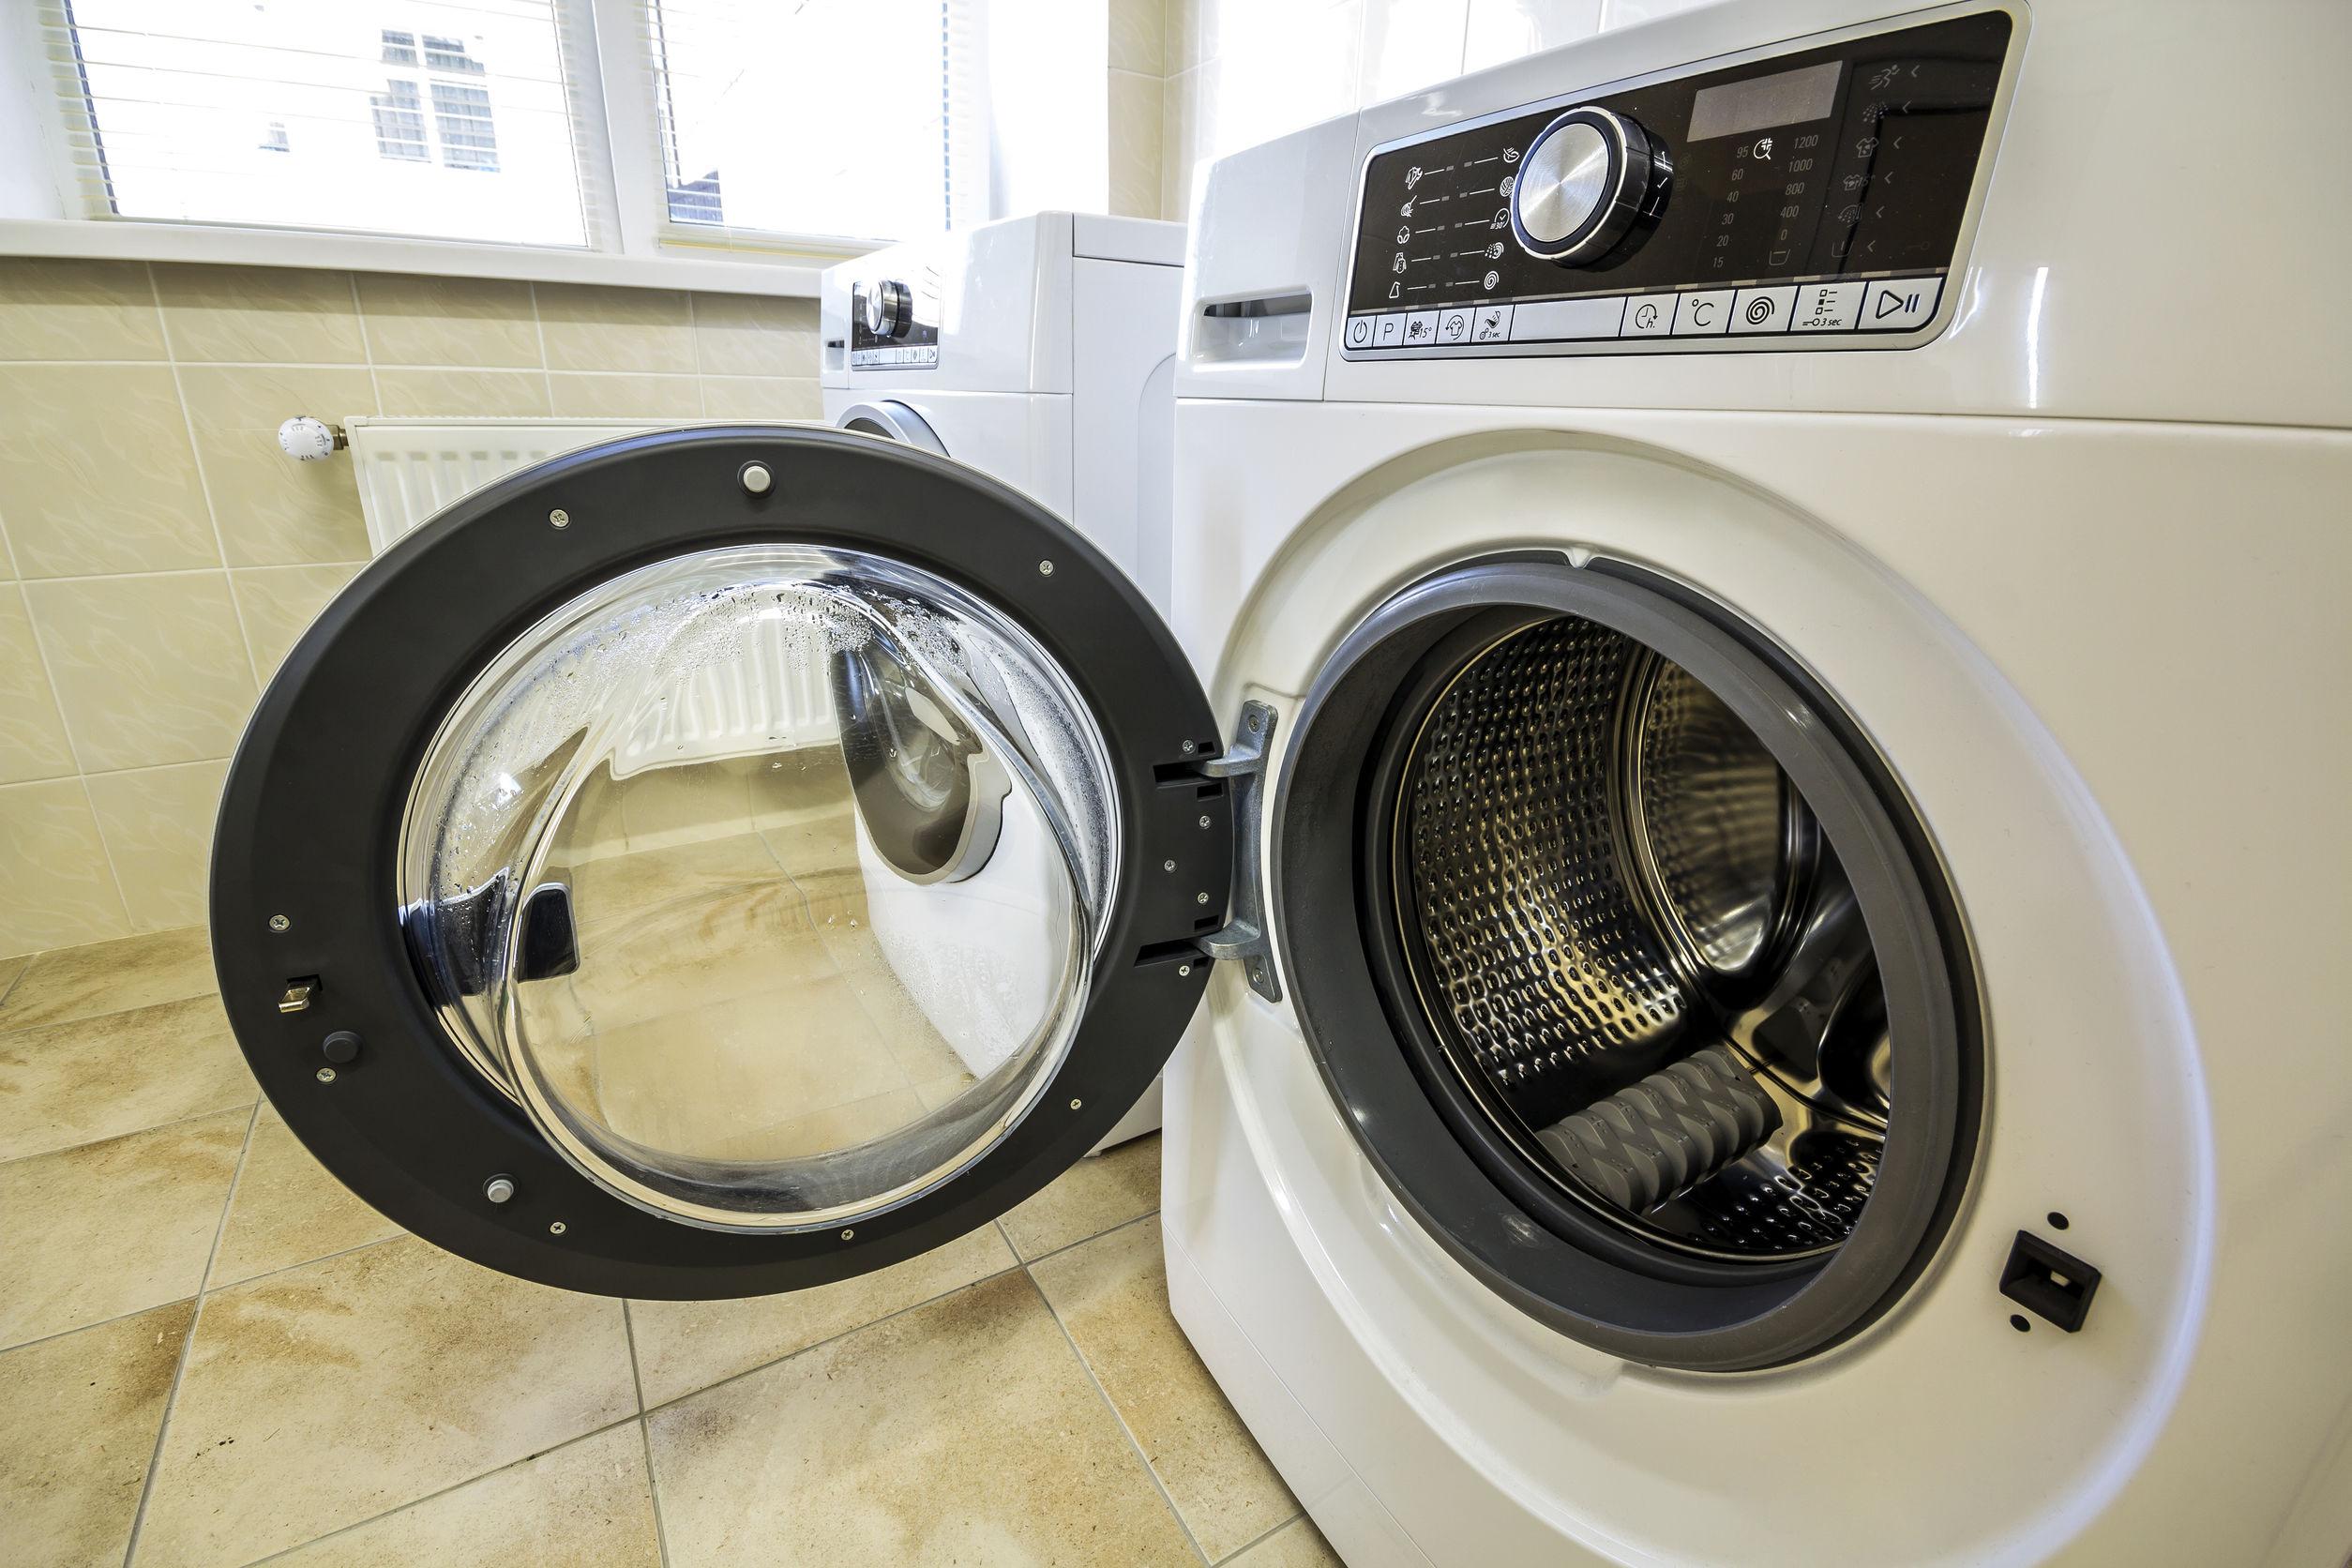 AEG Lavamat Waschmaschine: Test & Empfehlungen (08/21)